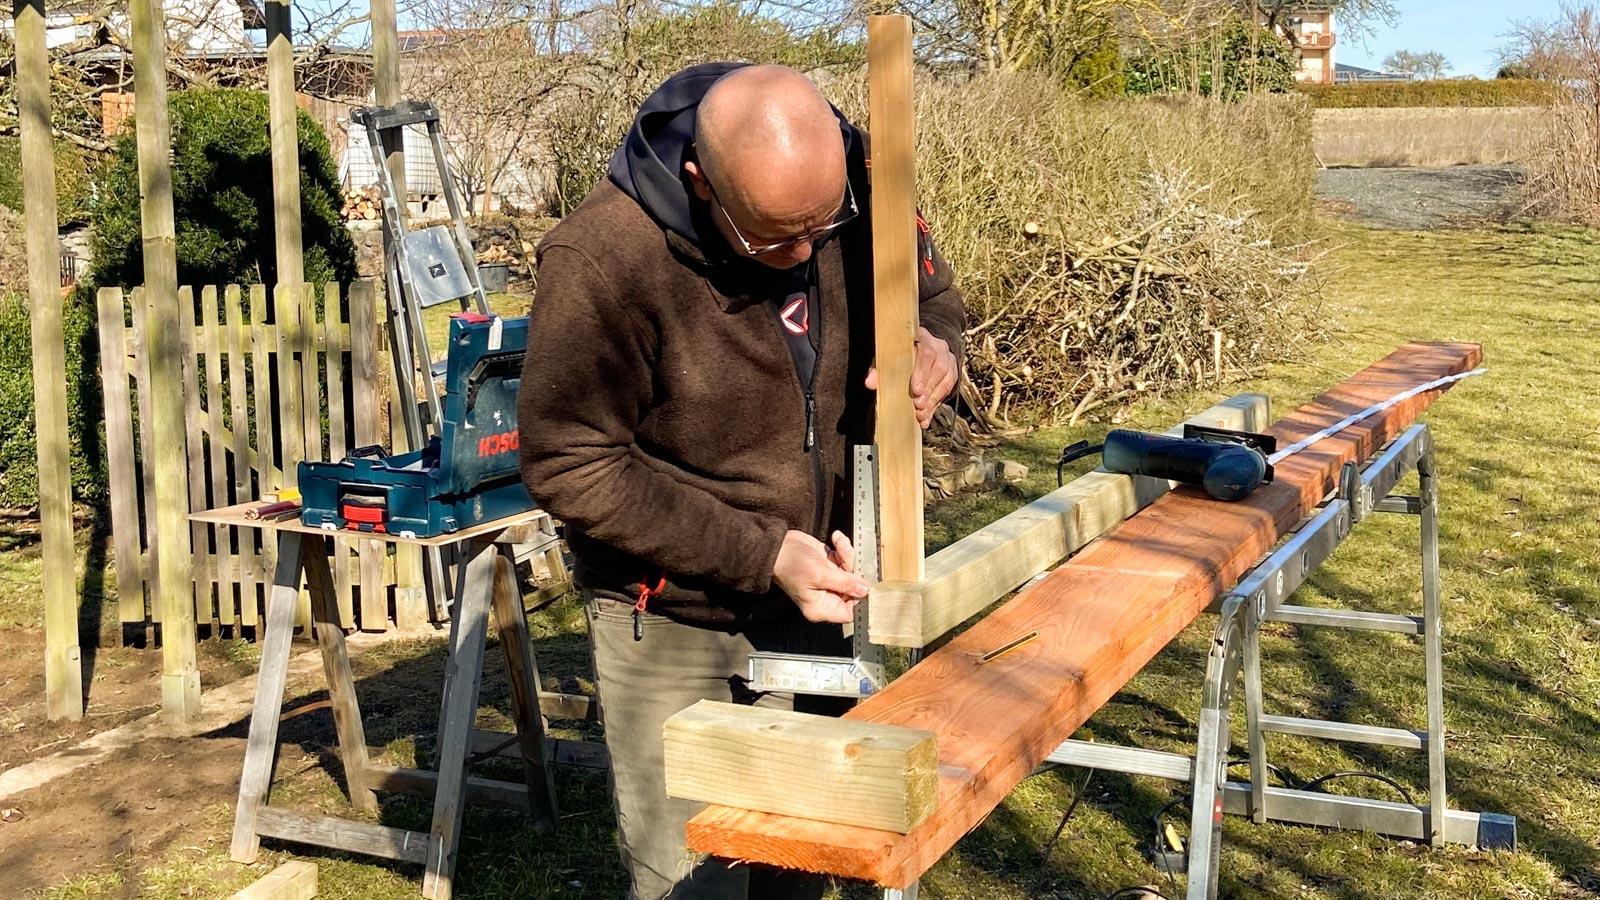 Gartenberater Martin Breidbach beim Zuschnitt von Holzleisten für einen Hühnerstall